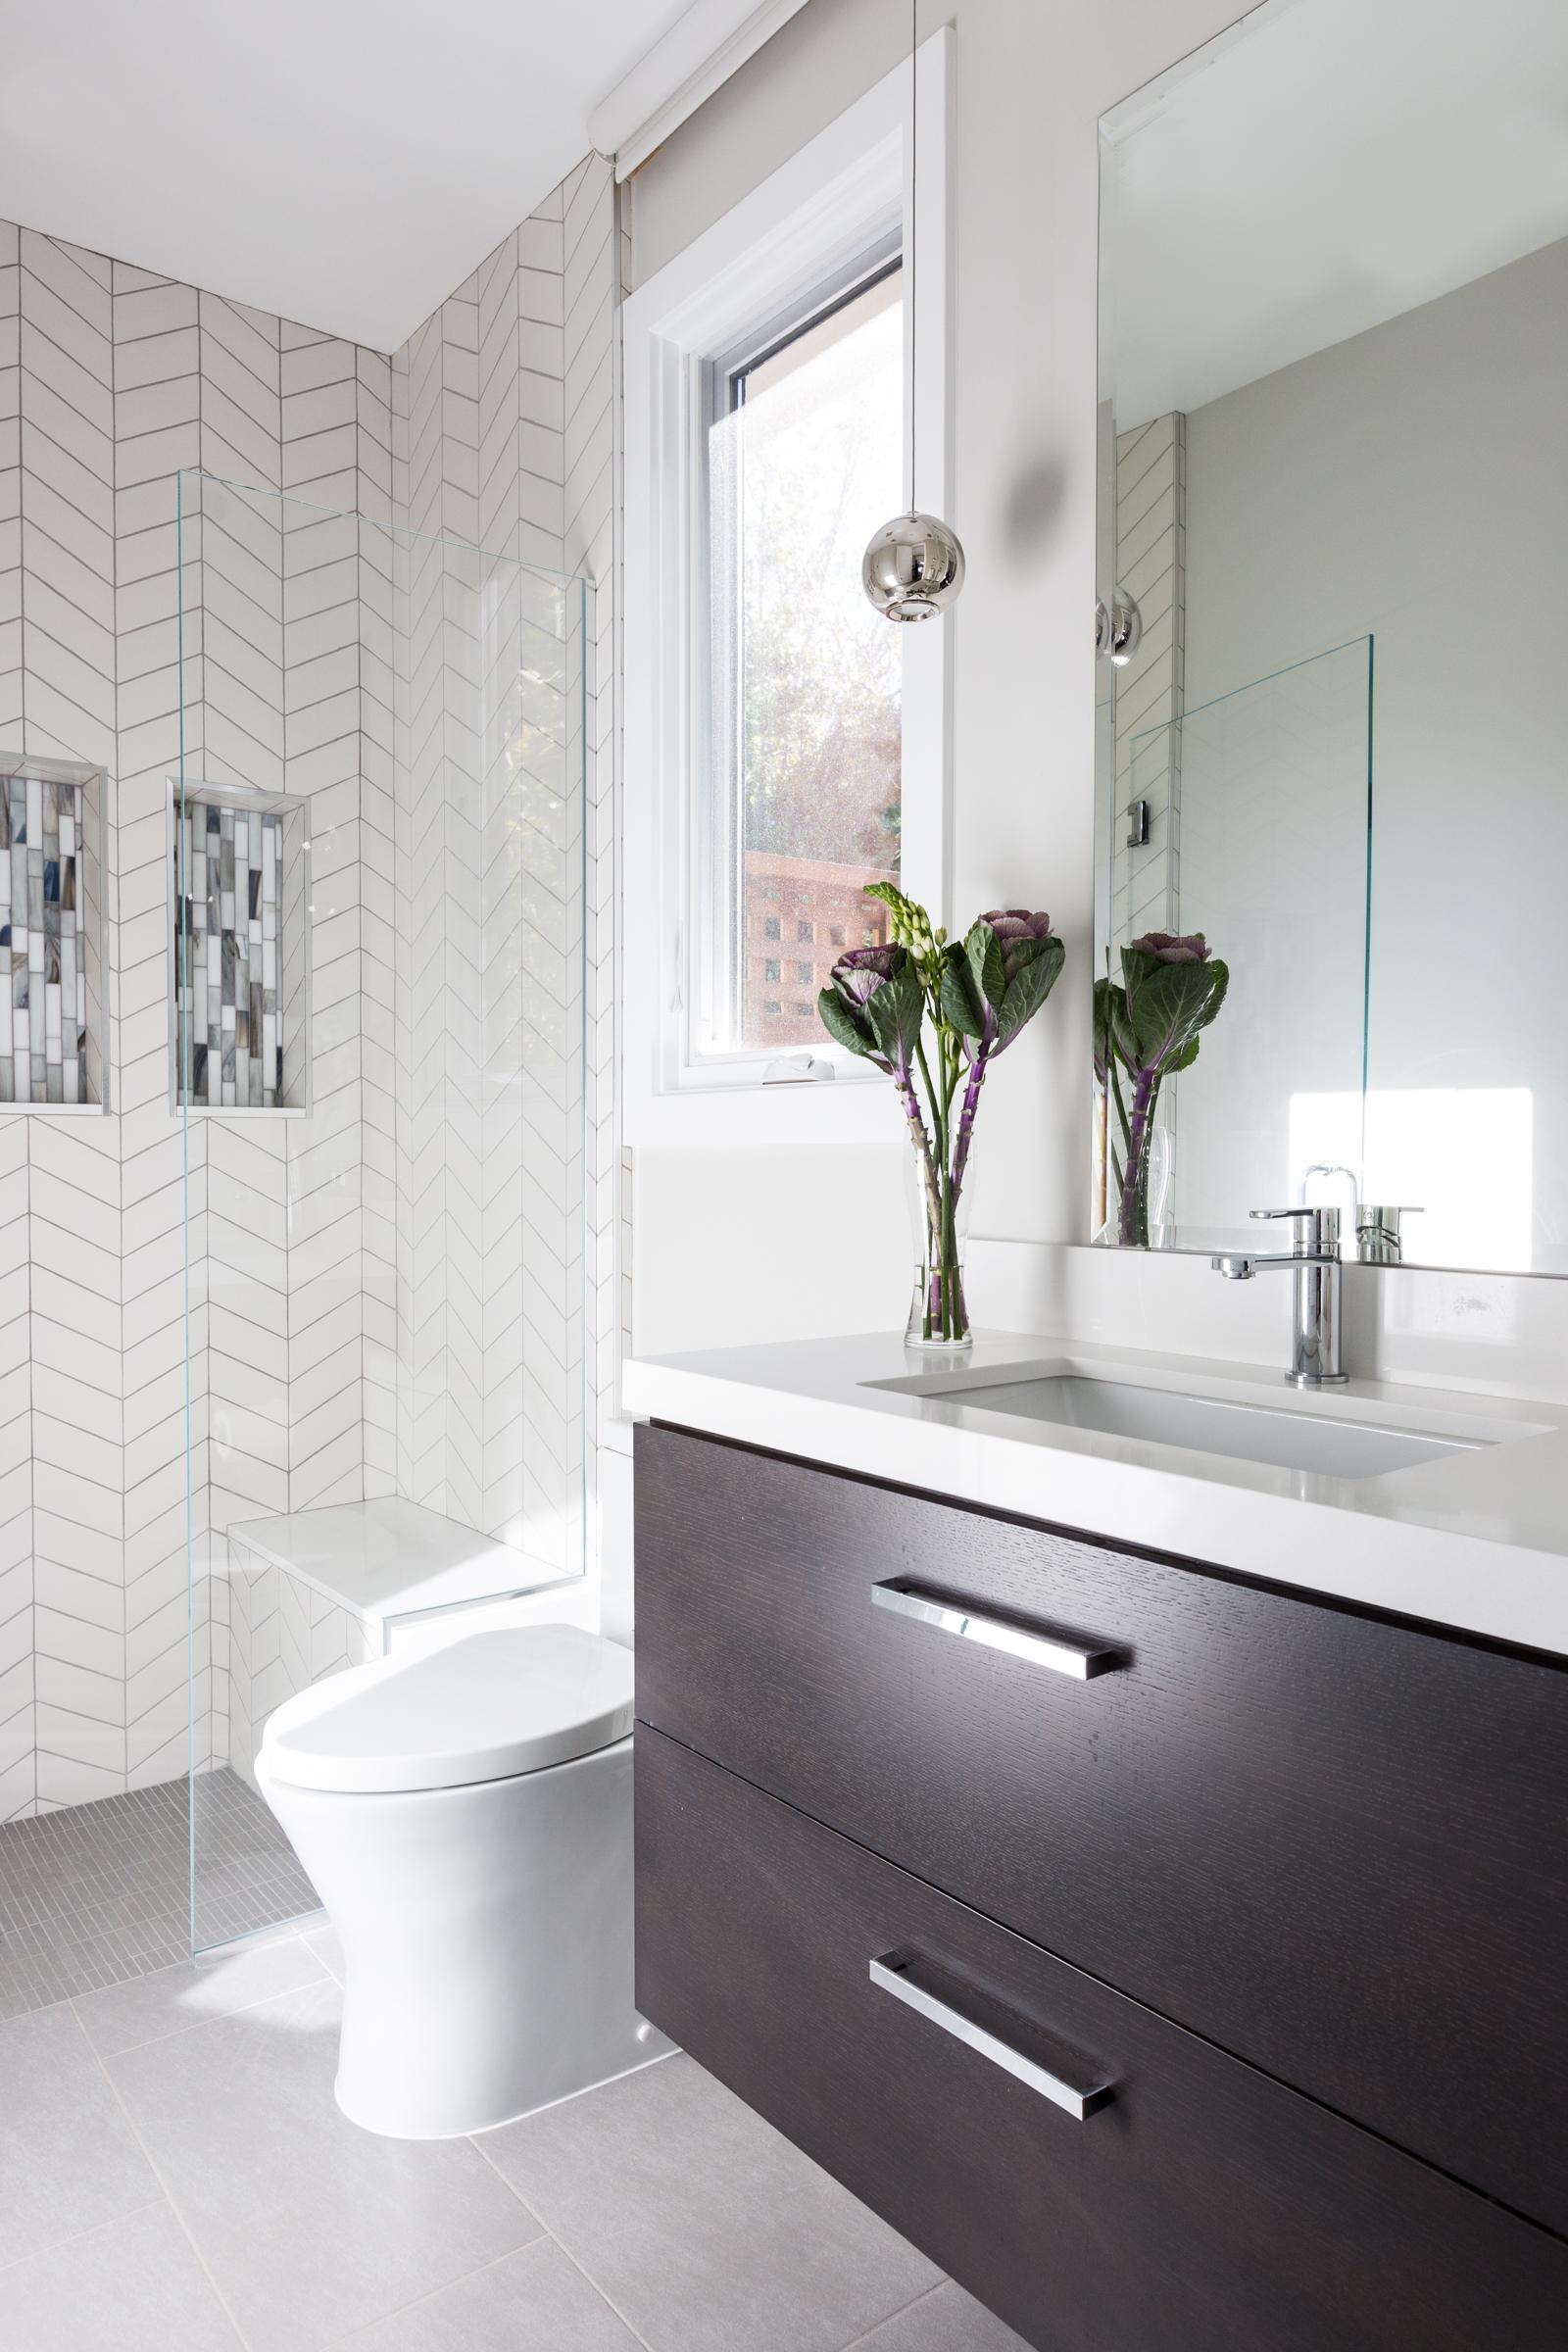 sohnbathroom-1.jpg